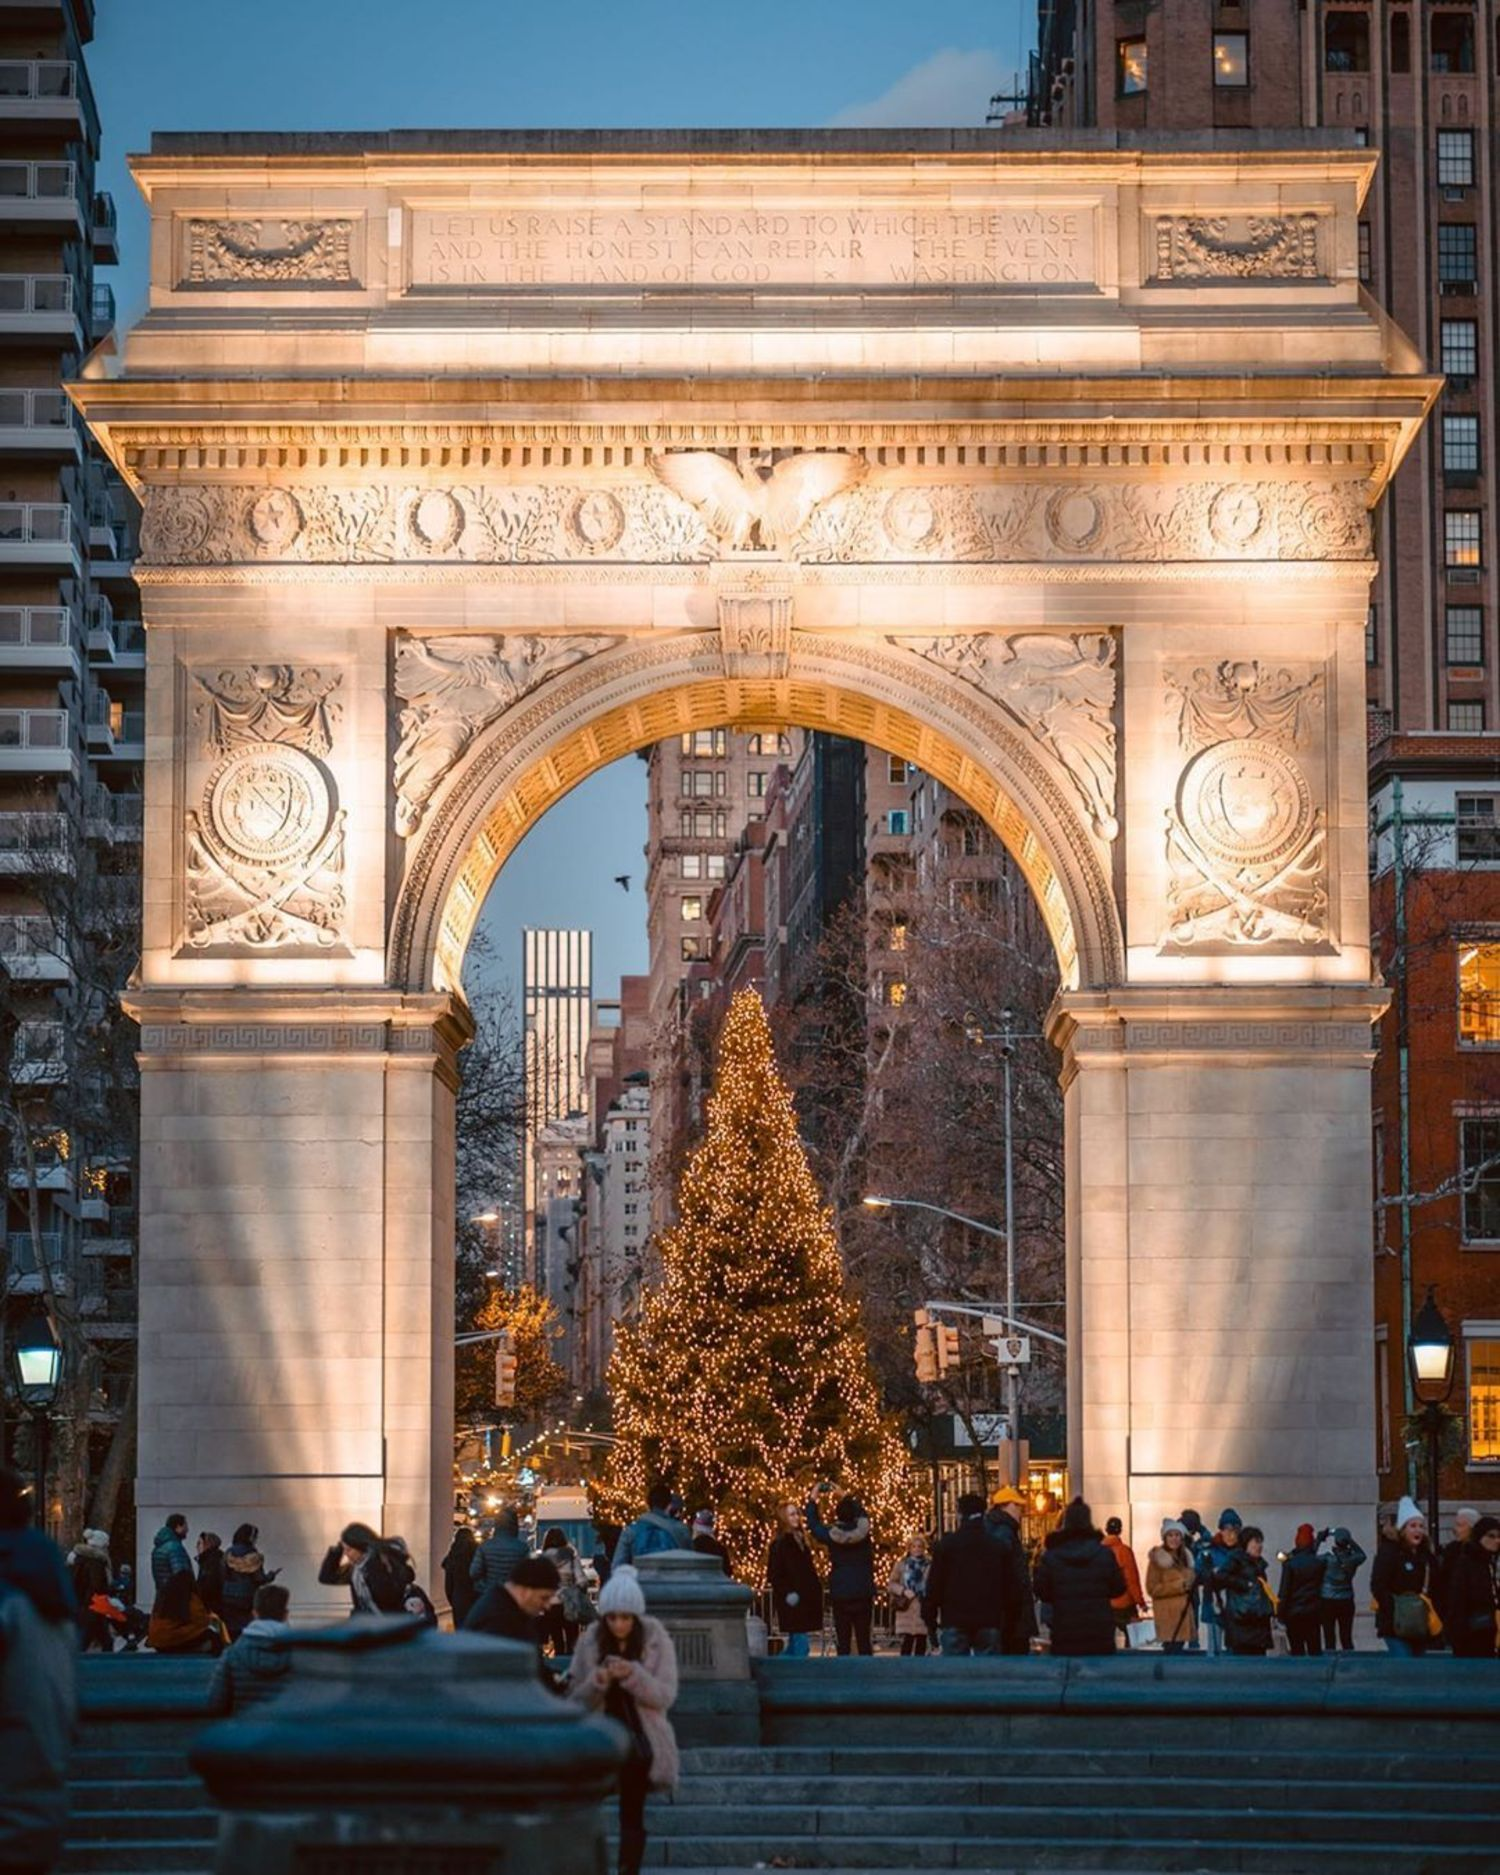 Washington Square Arch, Greenwich Village, Manhattan